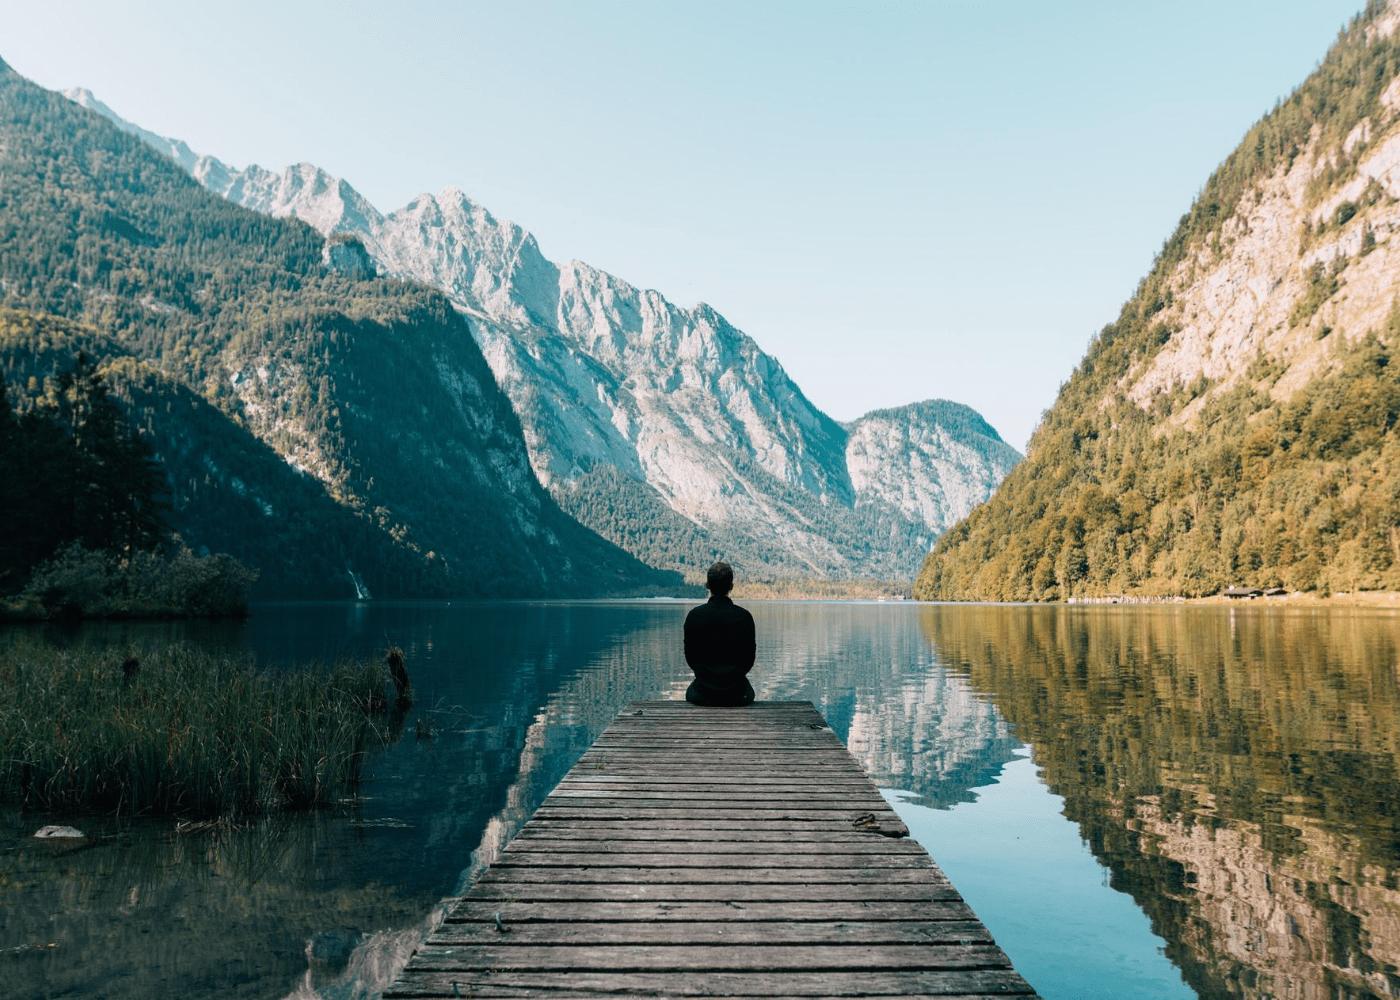 man at lake | public holidays 2021